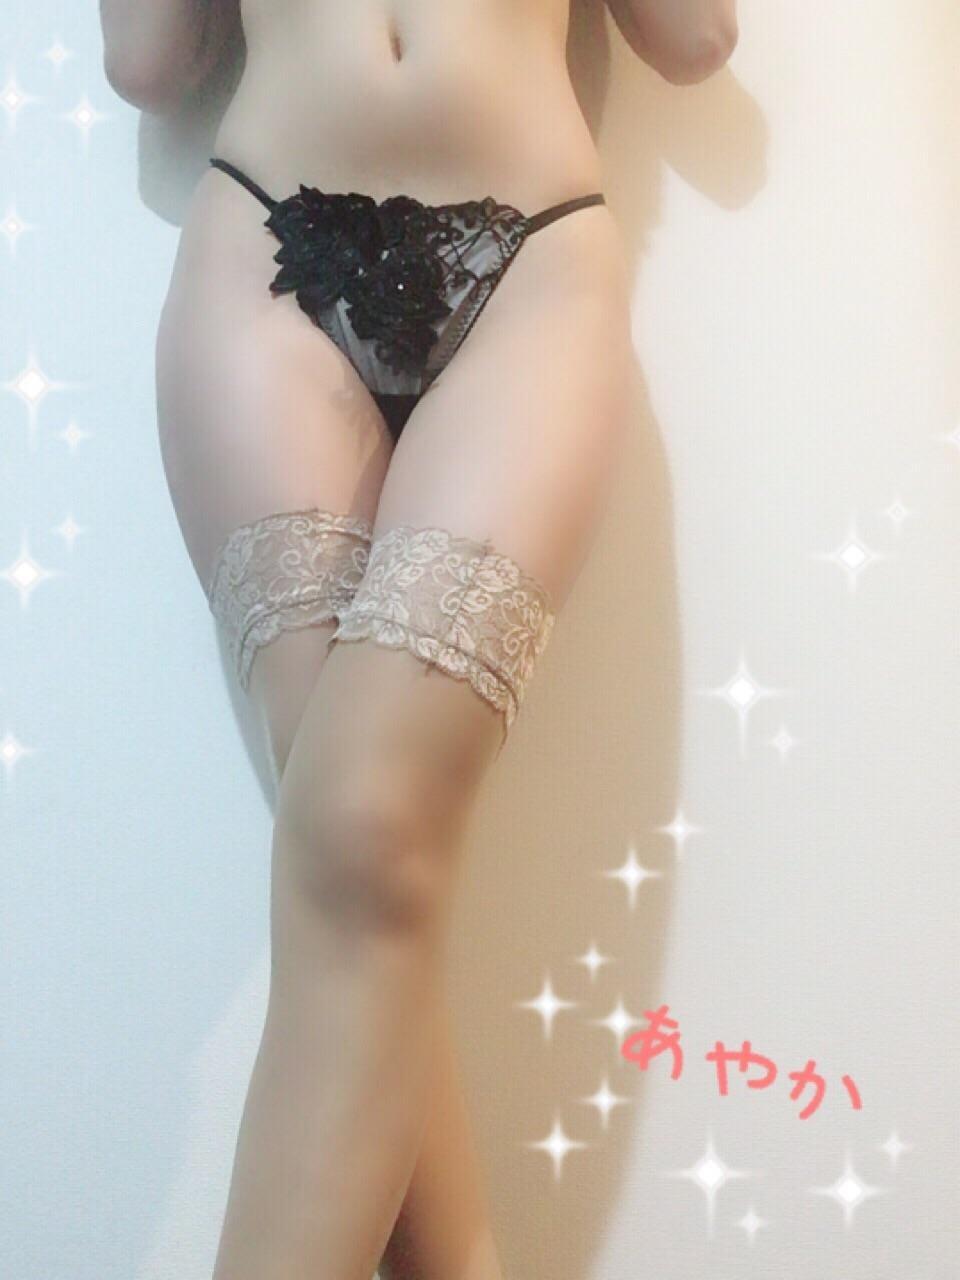 「16日のお礼?」11/16(金) 20:46   あやかの写メ・風俗動画